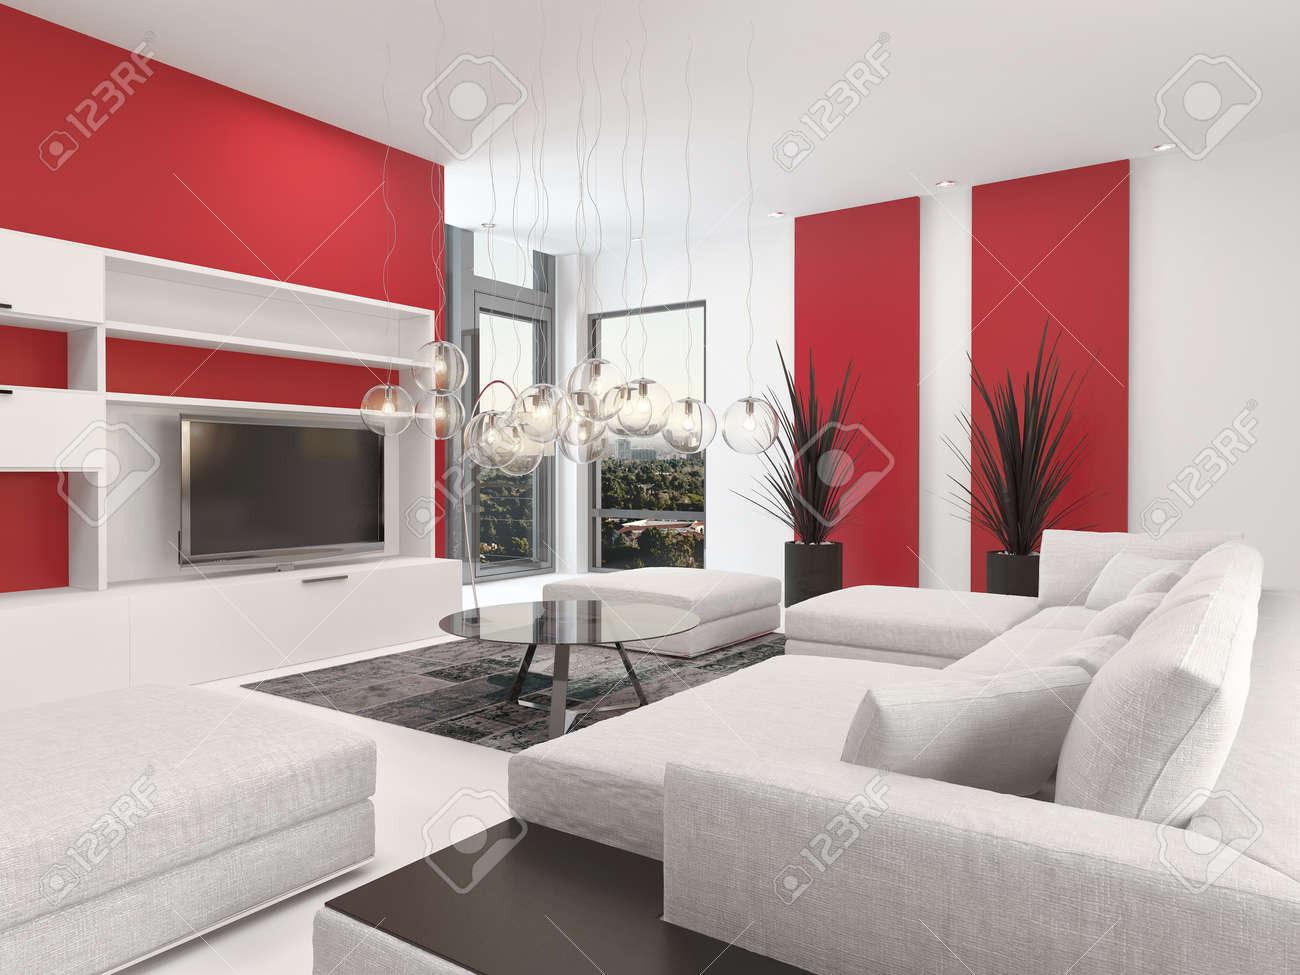 Moderne Wohnzimmer Innenraum Mit Weißem Dekor Und Sitzgruppe Mit Bunten  Pulsierenden Roten Akzenten Und Einem Großen